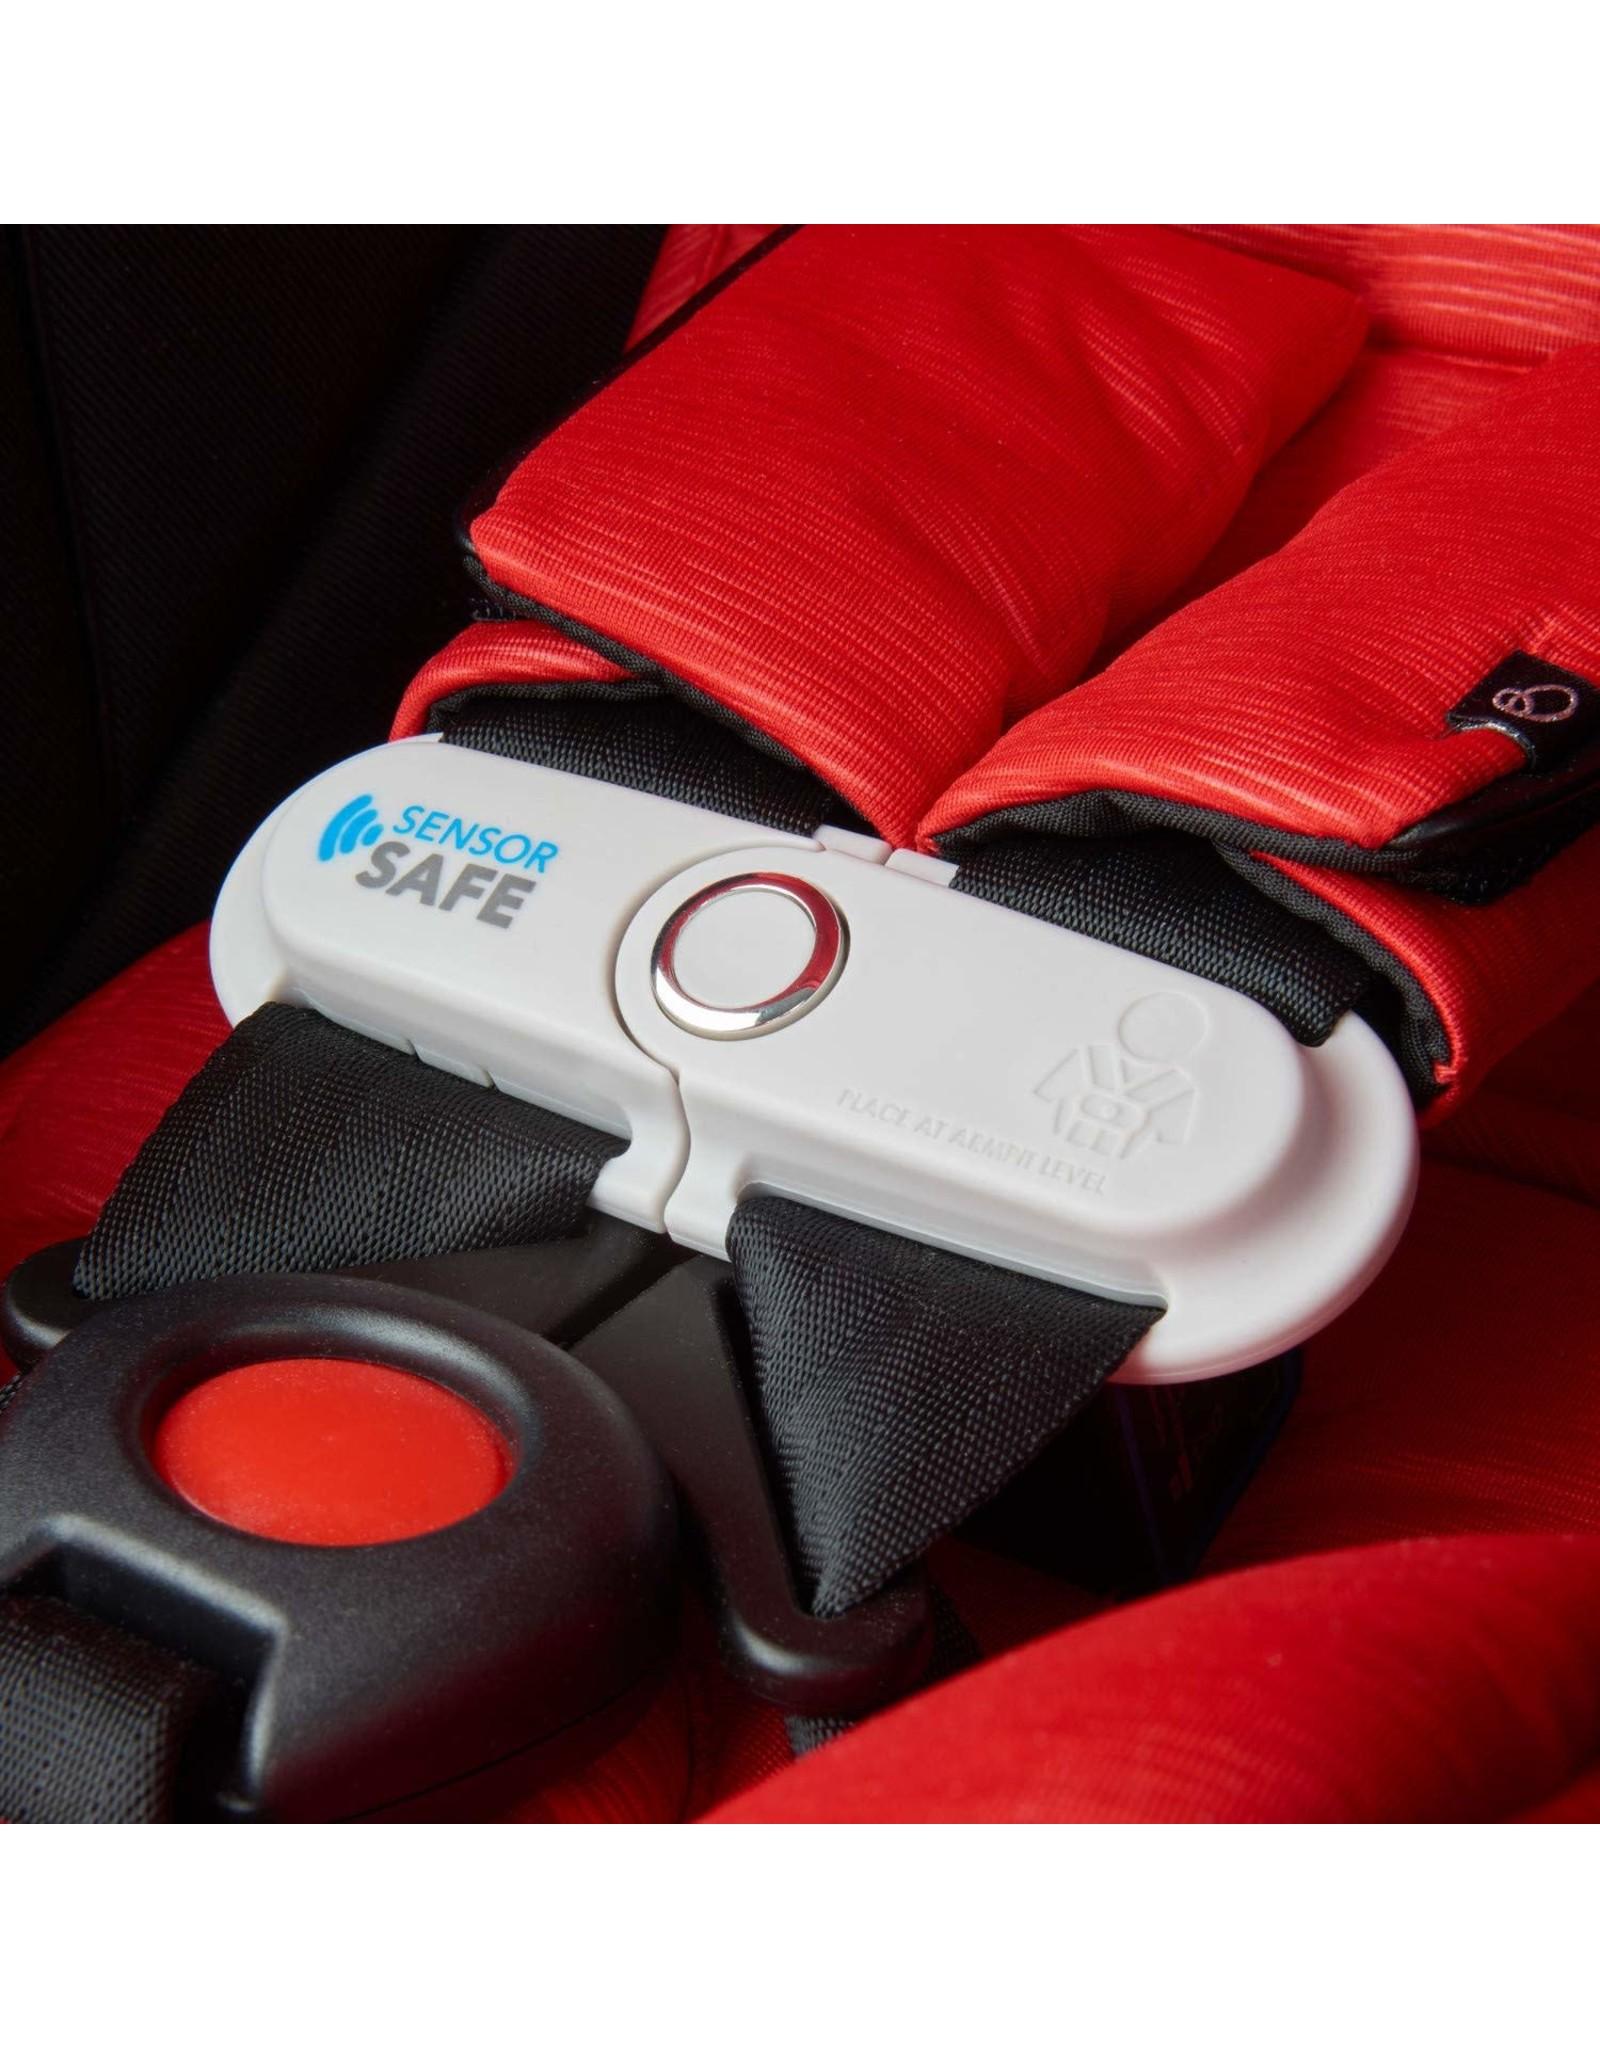 Evenflo Evenflo Gold SensorSafe Shyft Smart Modular Travel System, Moonstone